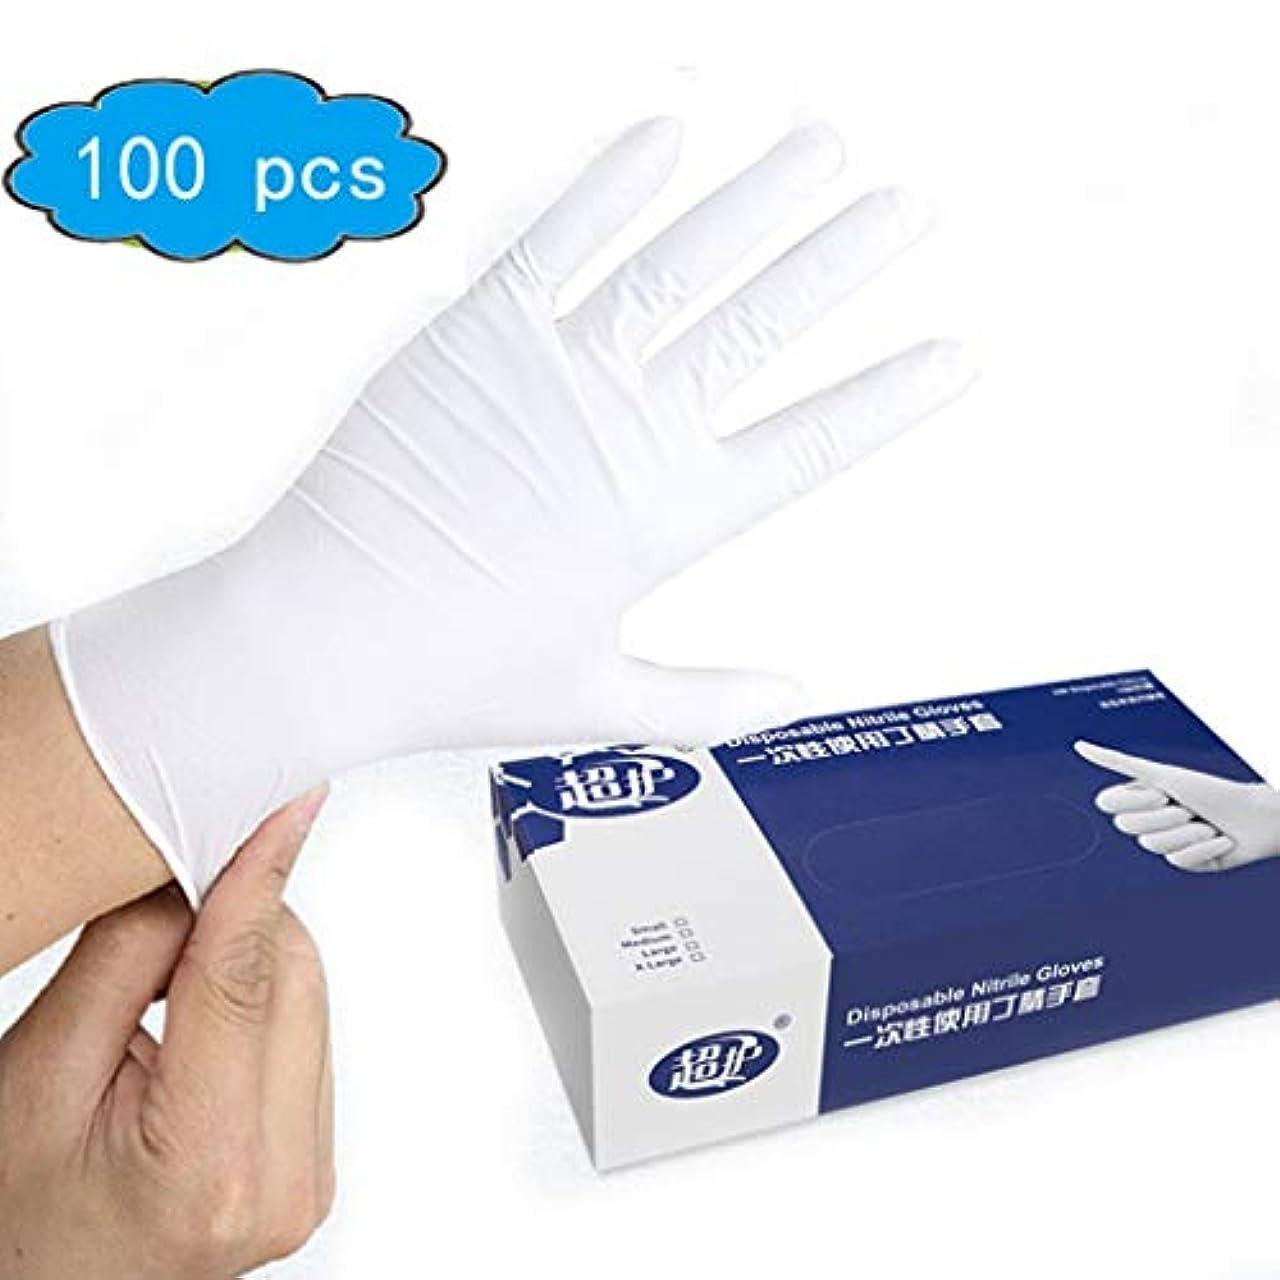 使い捨てニトリル手袋-医療グレード、パウダーフリー、ラテックスゴムフリー、使い捨て、非滅菌、食品安全、白色、2.5ミル、100個入りパック、使い捨て手袋食品、ツール&ホーム改善 (Color : White, Size...